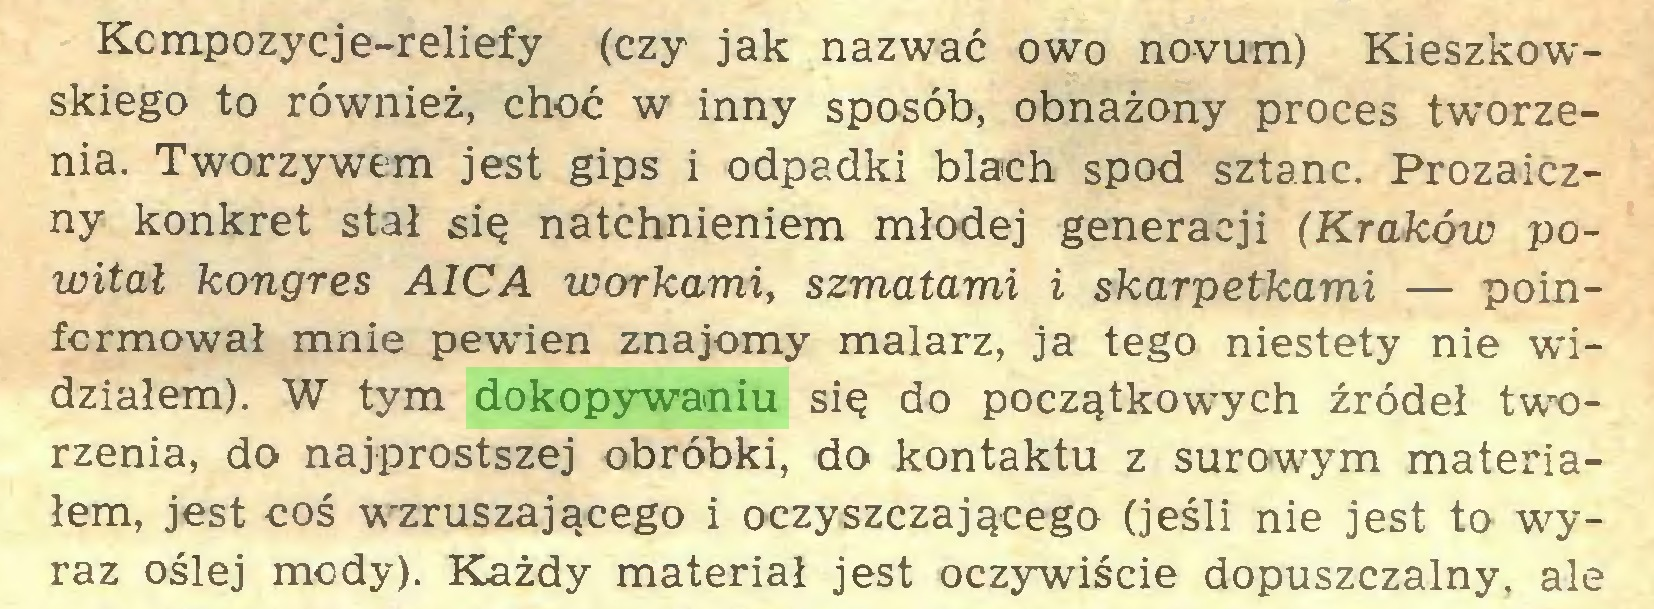 (...) Kcmpozycje-reliefy (czy jak nazwać owo novum) Kieszkowskiego to również, choć w inny sposób, obnażony proces tworzenia. Tworzywem jest gips i odpadki blach spod sztanc. Prozaiczny konkret stał się natchnieniem młodej generacji (Kraków powitał kongres AICA workami, szmatami i skarpetkami — poinformował mnie pewien znajomy malarz, ja tego niestety nie widziałem). W tym dokopywaniu się do początkowych źródeł tworzenia, do najprostszej obróbki, do kontaktu z surowym materiałem, jest coś wzruszającego i oczyszczającego (jeśli nie jest to wyraz oślej mody). Każdy materiał jest oczywiście dopuszczalny, ale...